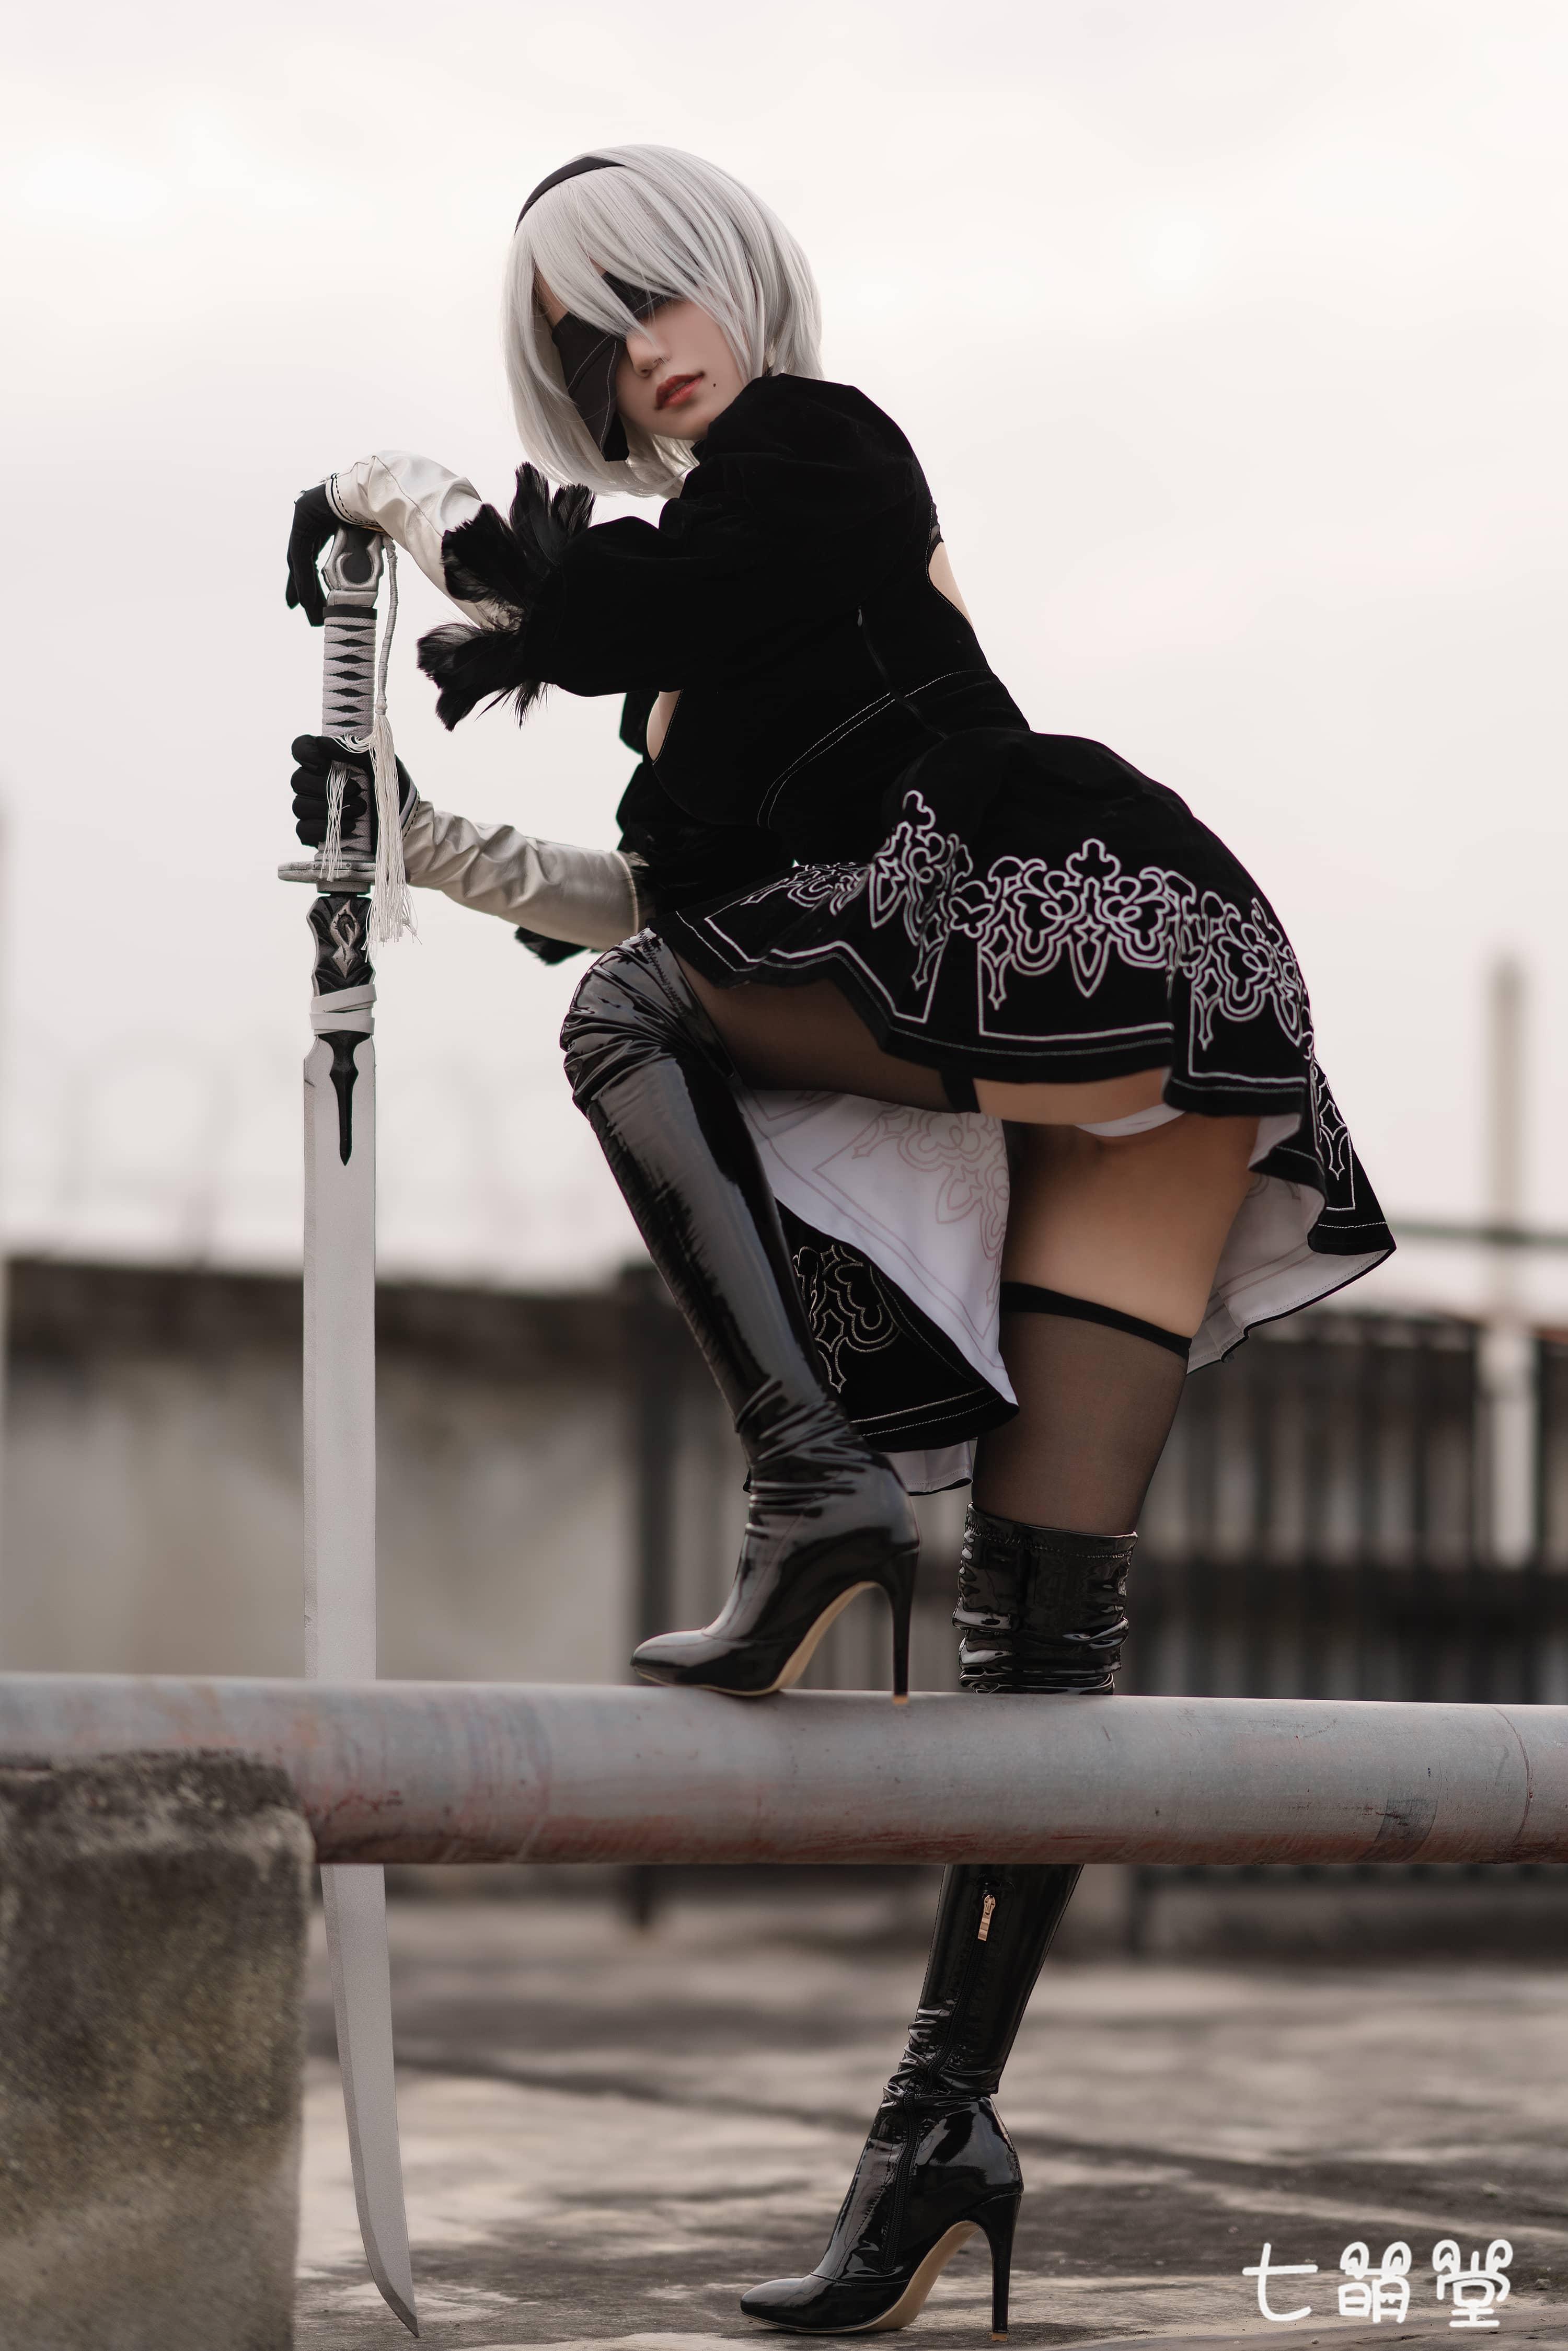 被萌翻!小仓千代w最全cosplay写真图片合集11套 COS合集